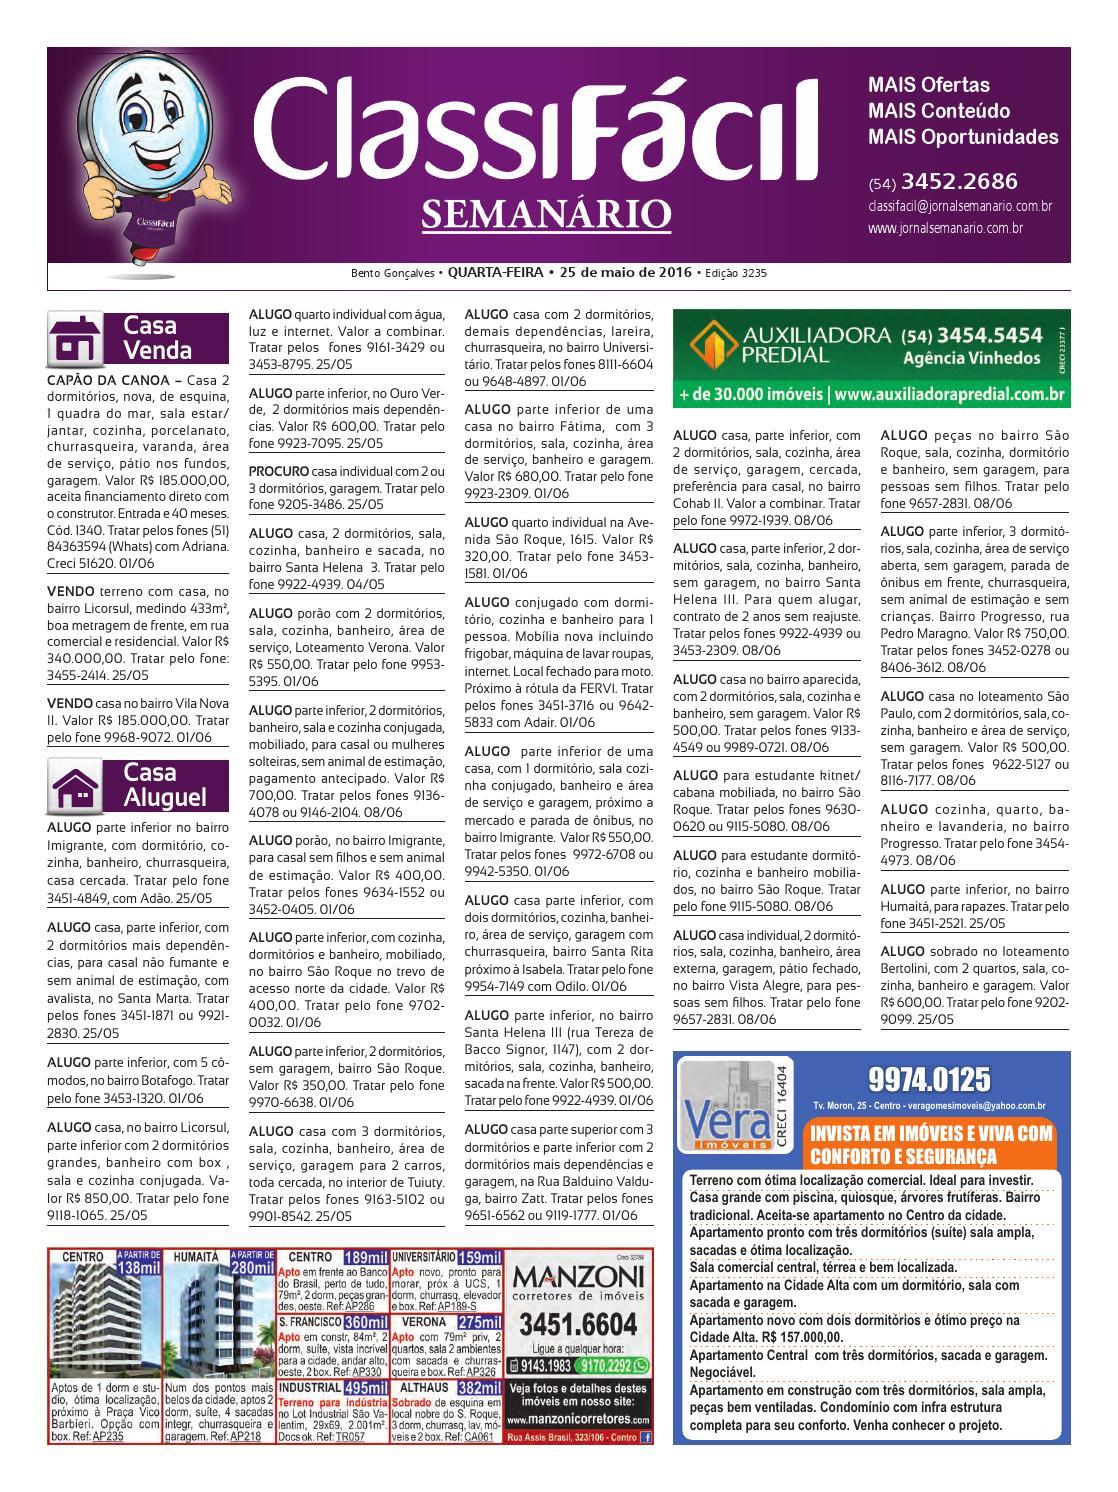 75de67e041 25 05 2016 - Classificados - Edição 3.235 by Jornal Semanário - Bento  Gonçalves - RS - issuu